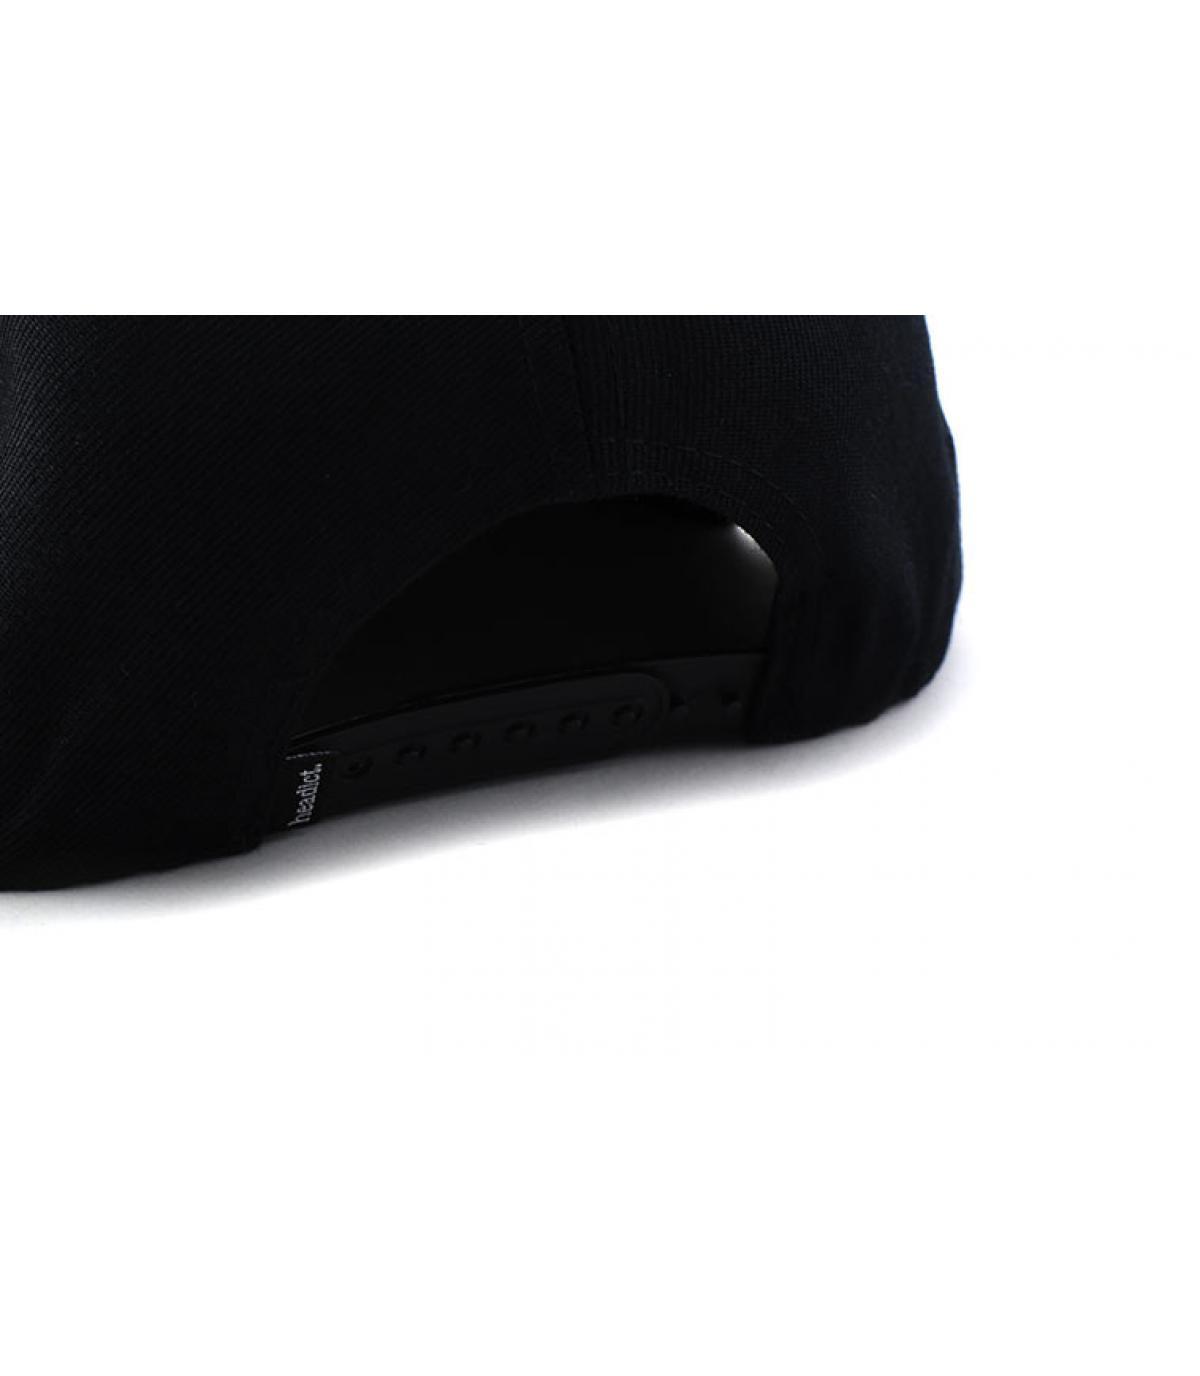 Details Snapback Do Or Do Not black camo - Abbildung 5